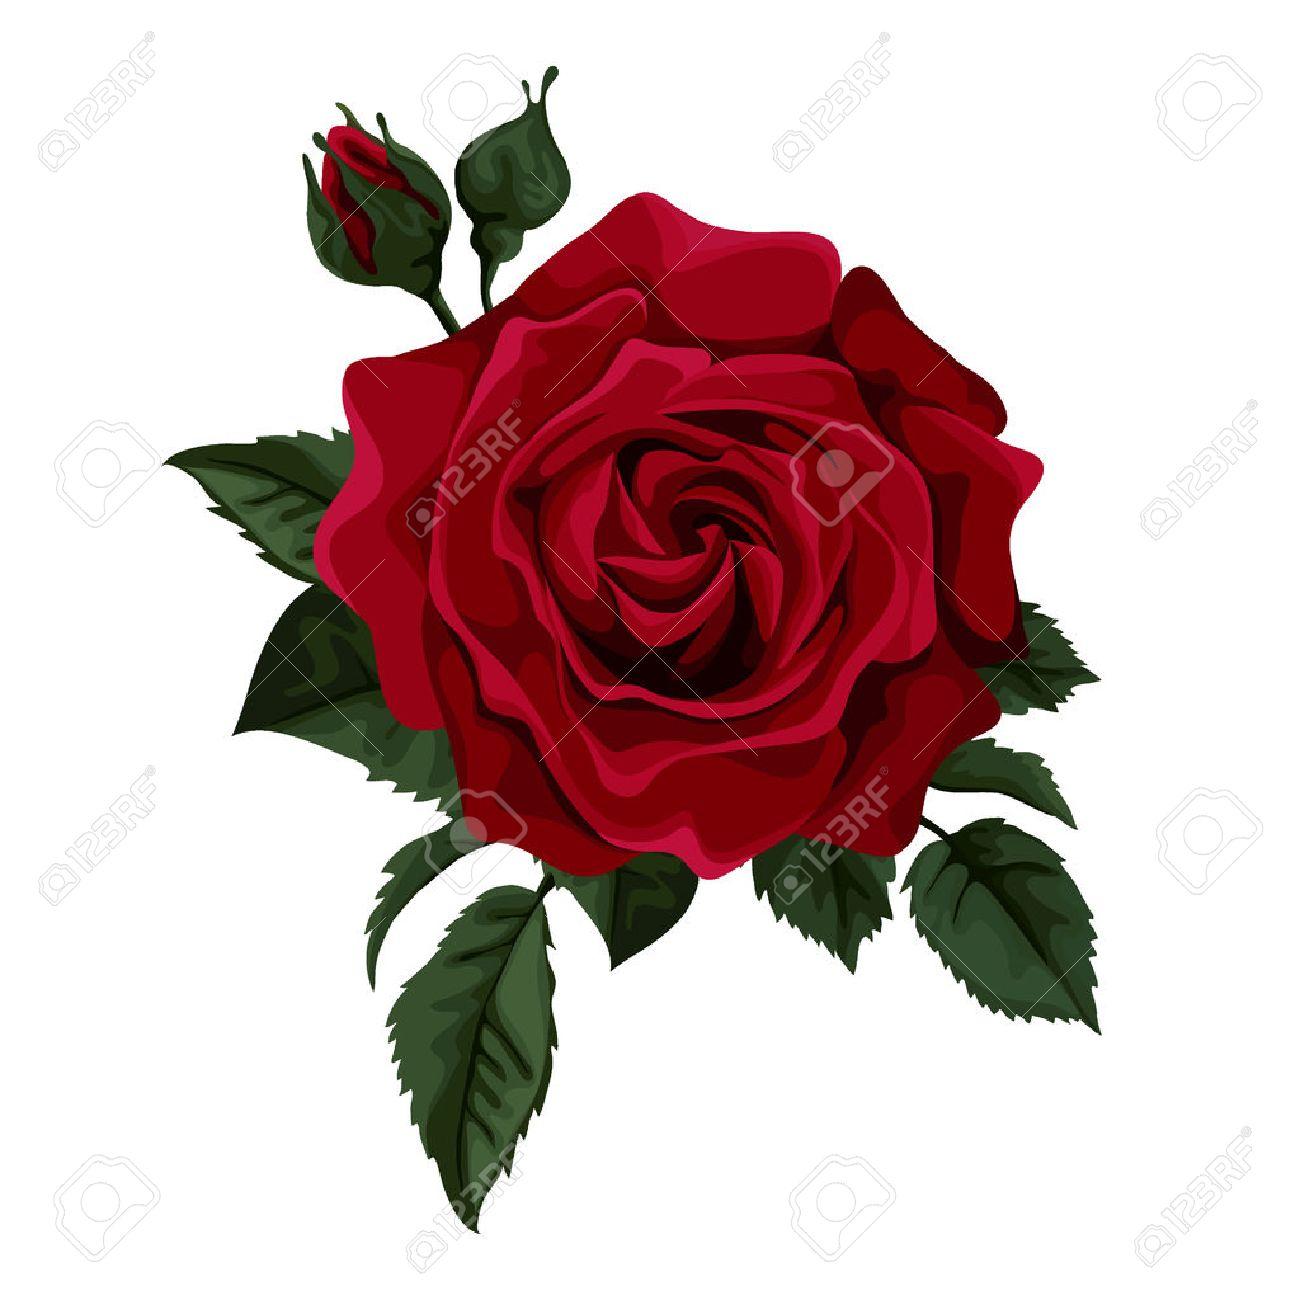 ::Desfile de Rosas AMDA::Hoy se presenta la Rosa Roja AMDA  34622923-hermosa-rosa-roja-aislado-en-blanco-perfecto-para-las-tarjetas-de-felicitaci%C3%B3n-de-fondo-y-las-invitacio